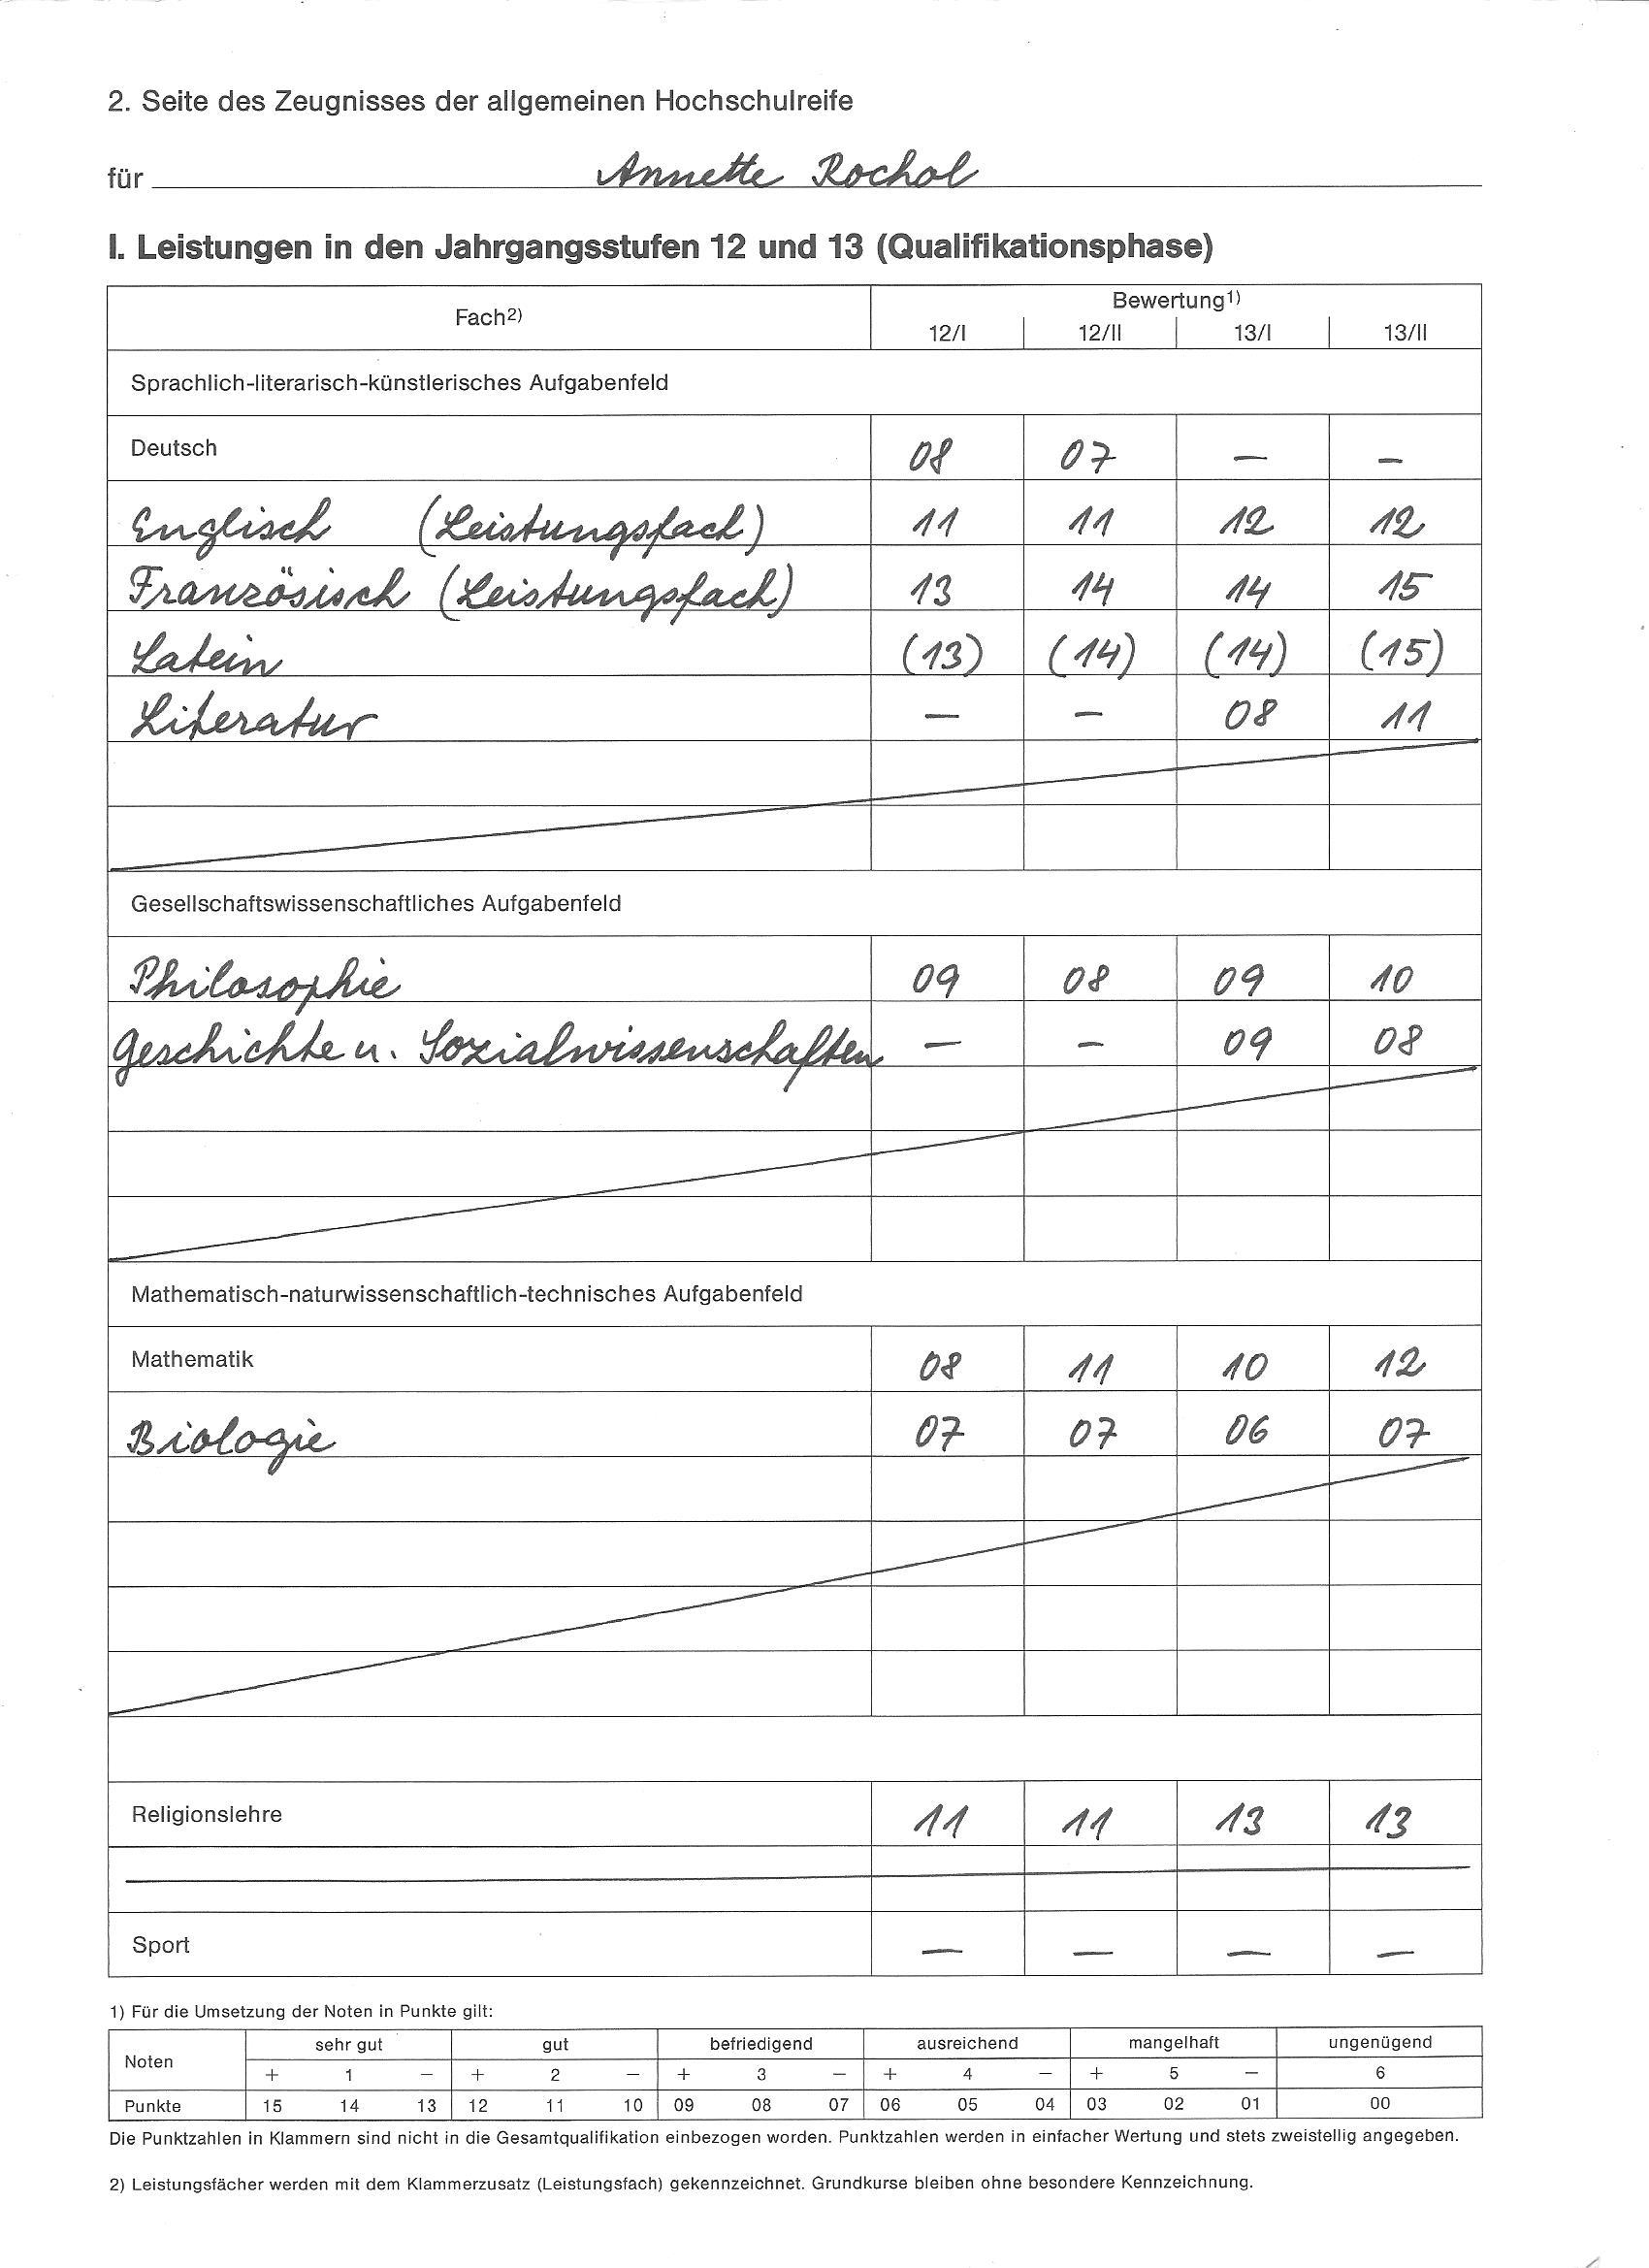 1987 → Abitur a